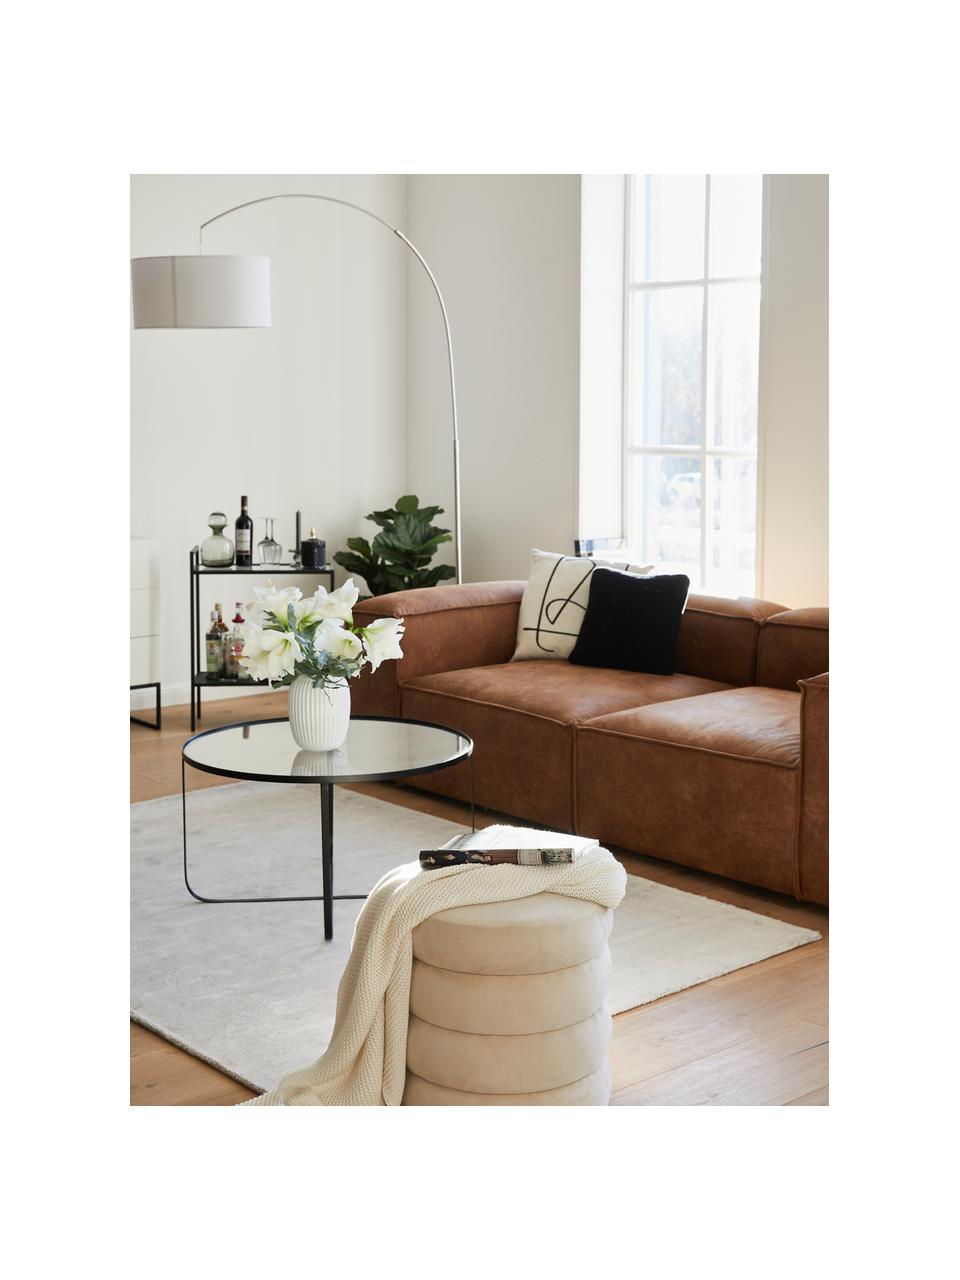 Tavolino da salotto in metallo nero Harper, Struttura: metallo verniciato a polv, Piano d'appoggio: piano in vetro, Nero, Ø 80 x Alt. 43 cm